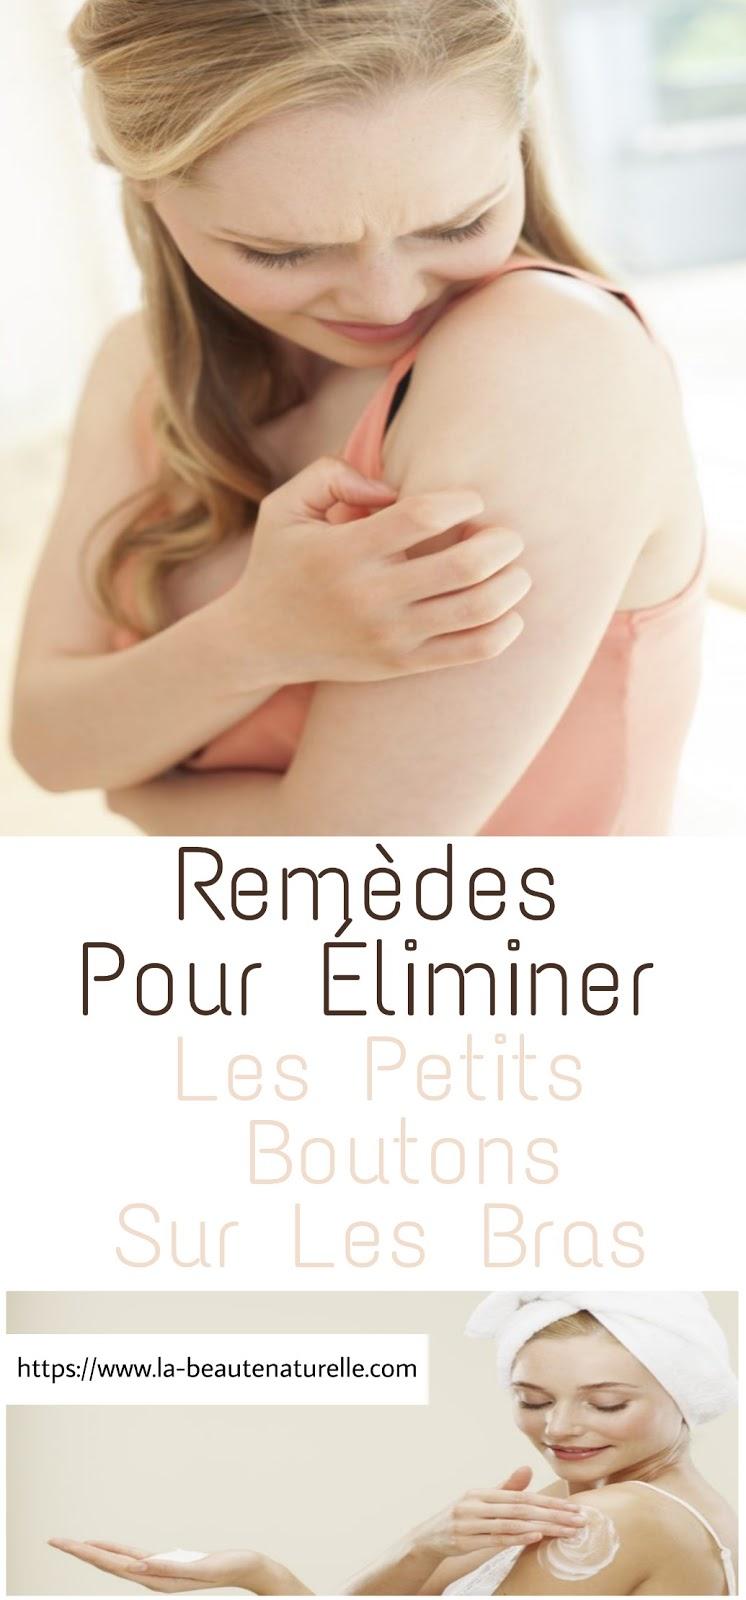 Remèdes Pour Éliminer Les Petits Boutons Sur Les Bras